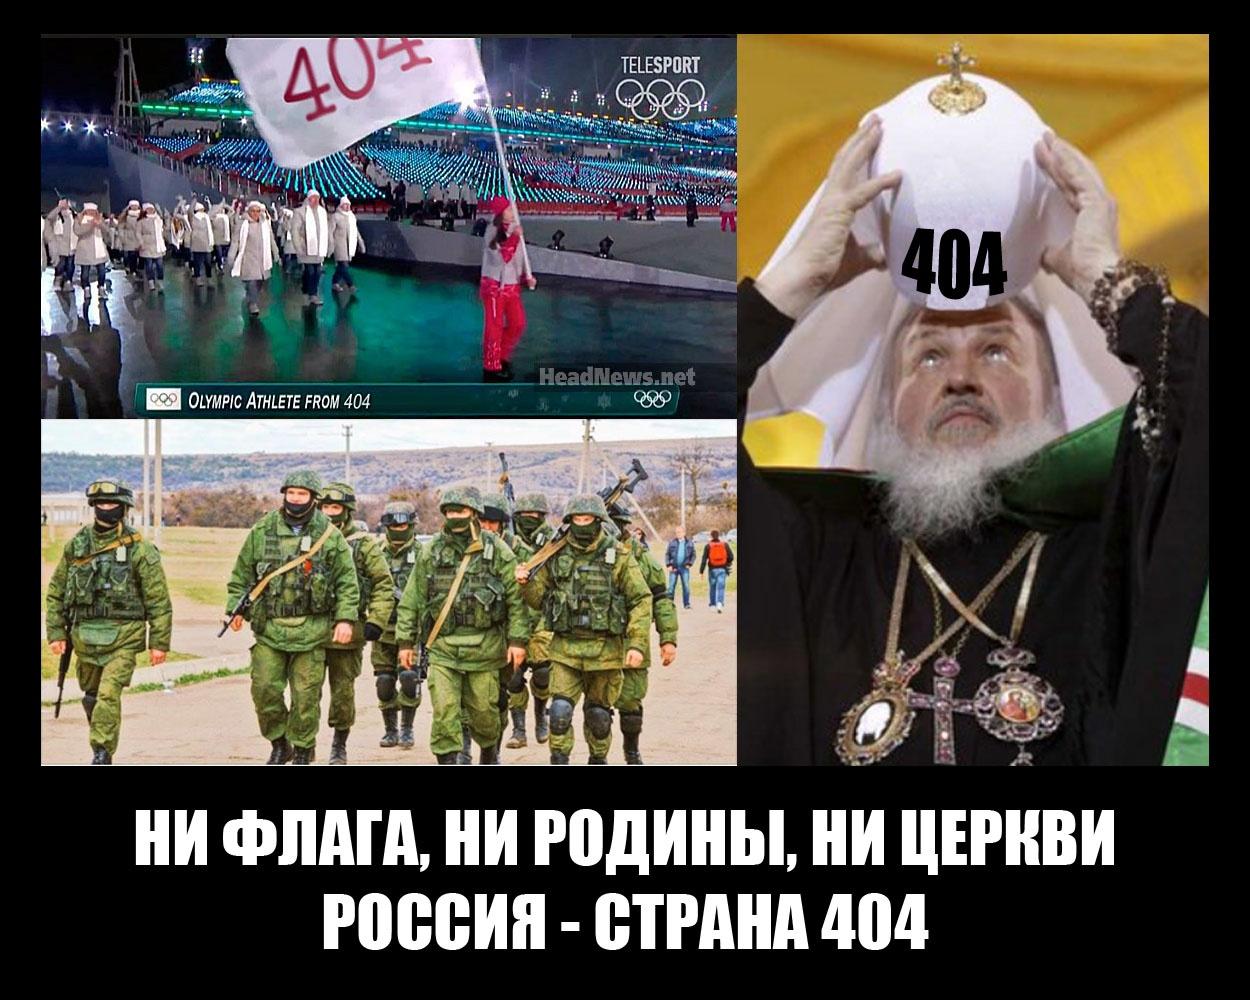 Радник президента Павленко спростував 8 основних міфів путінської пропаганди про Томос для ПЦУ - Цензор.НЕТ 5063